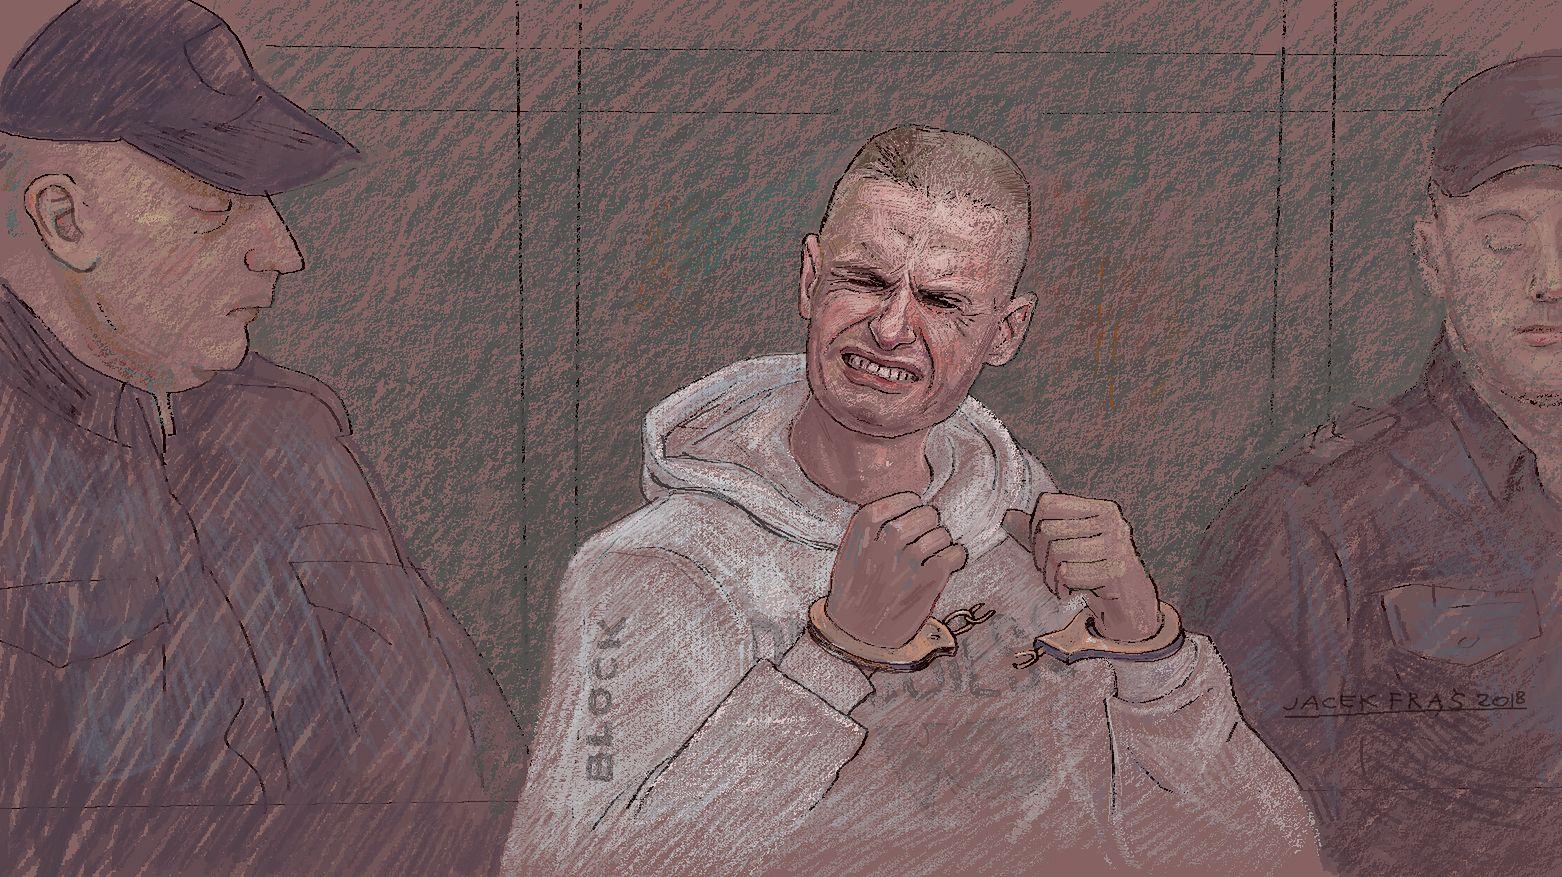 Strażnik z więzienia Komendy: Nie wiem, jak to wytrzymał. Ja bym nie dał rady